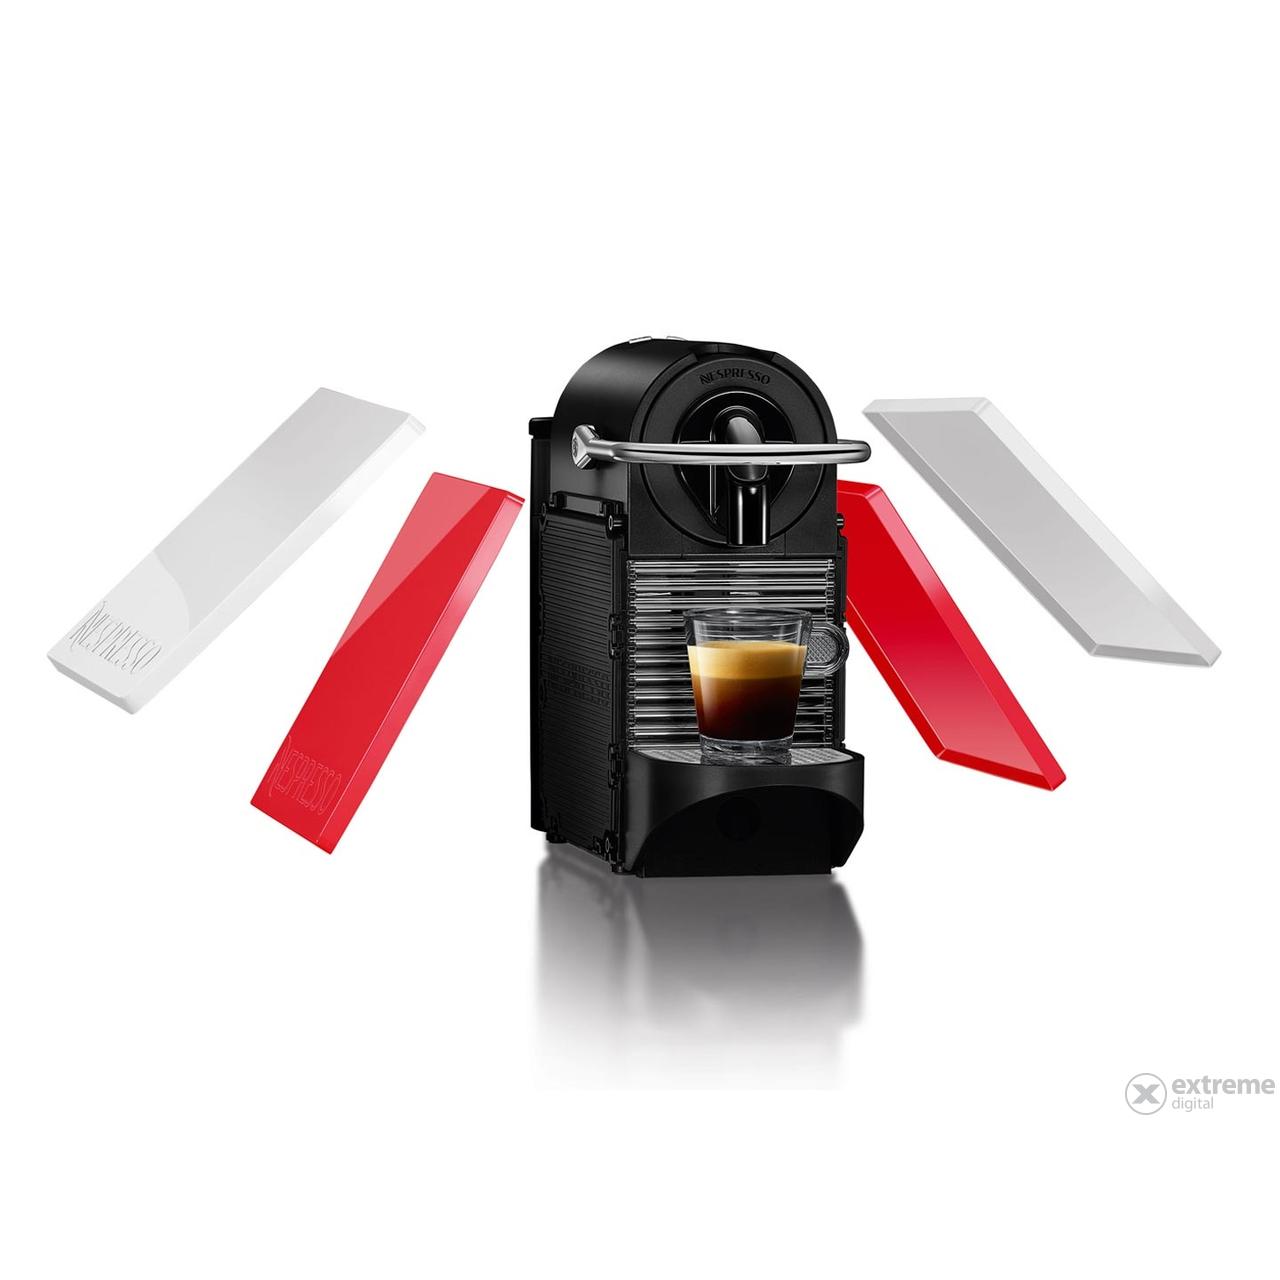 DeLonghi Nespresso EN126 PixiClips kapszulás kávéfőző